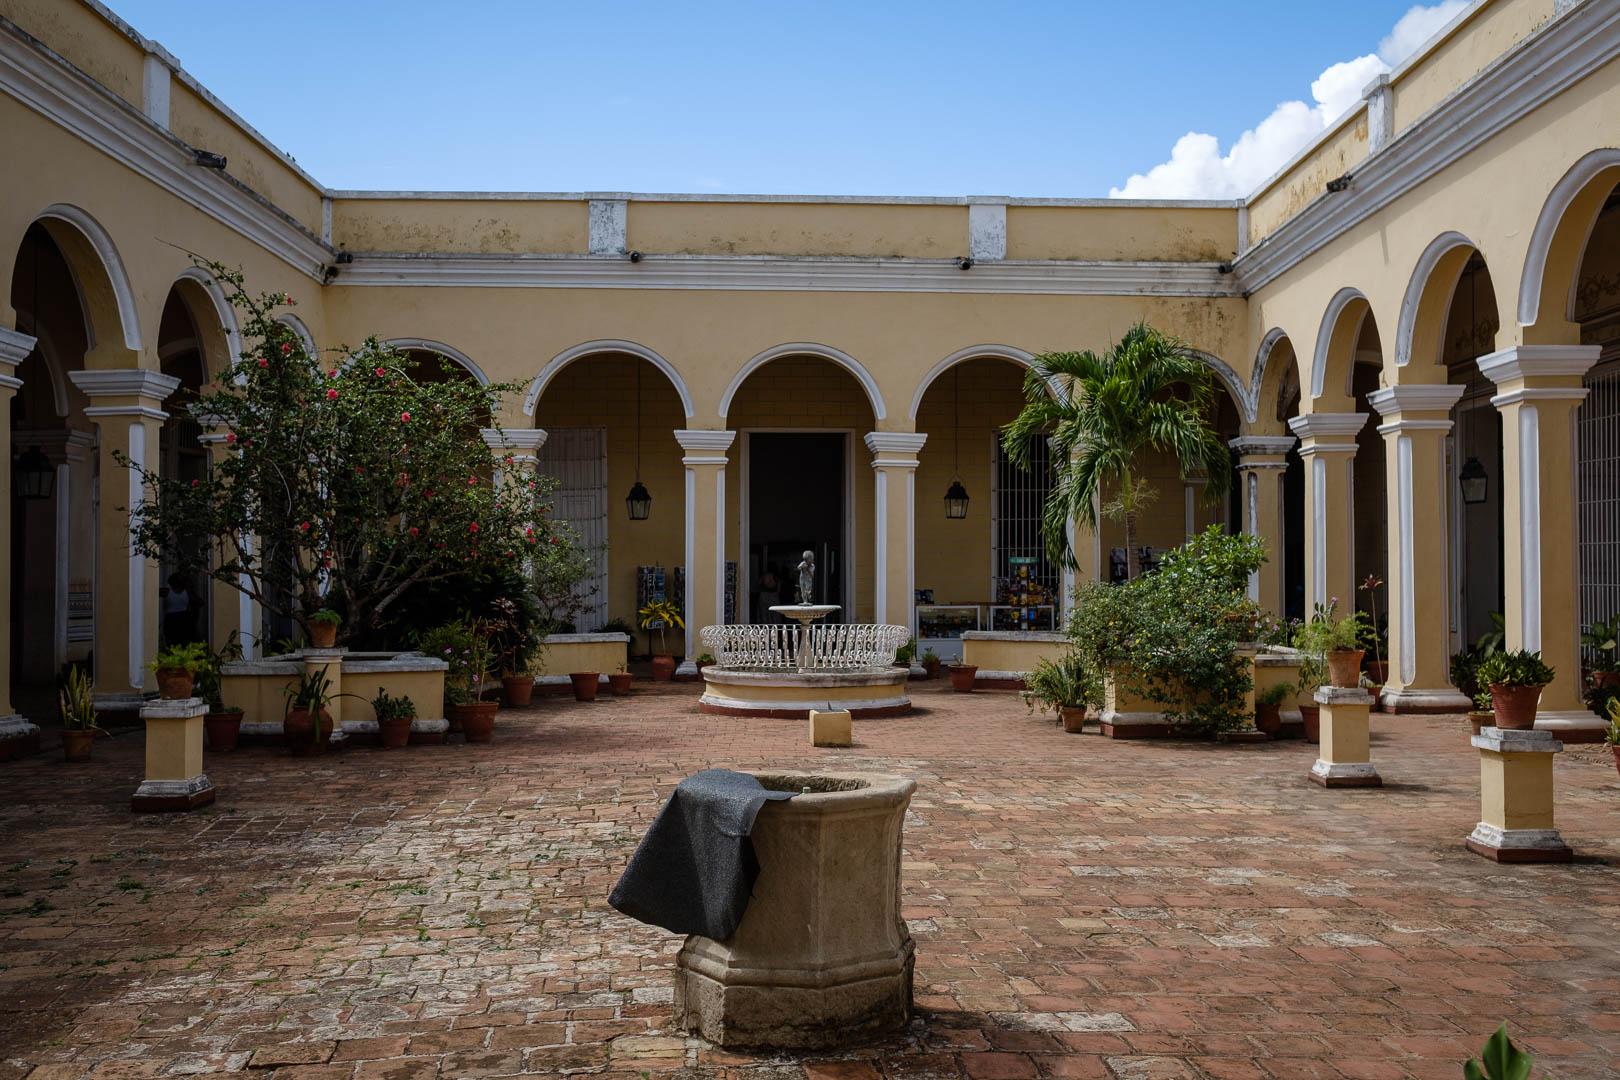 180428-Trinidad-42-1080.jpg